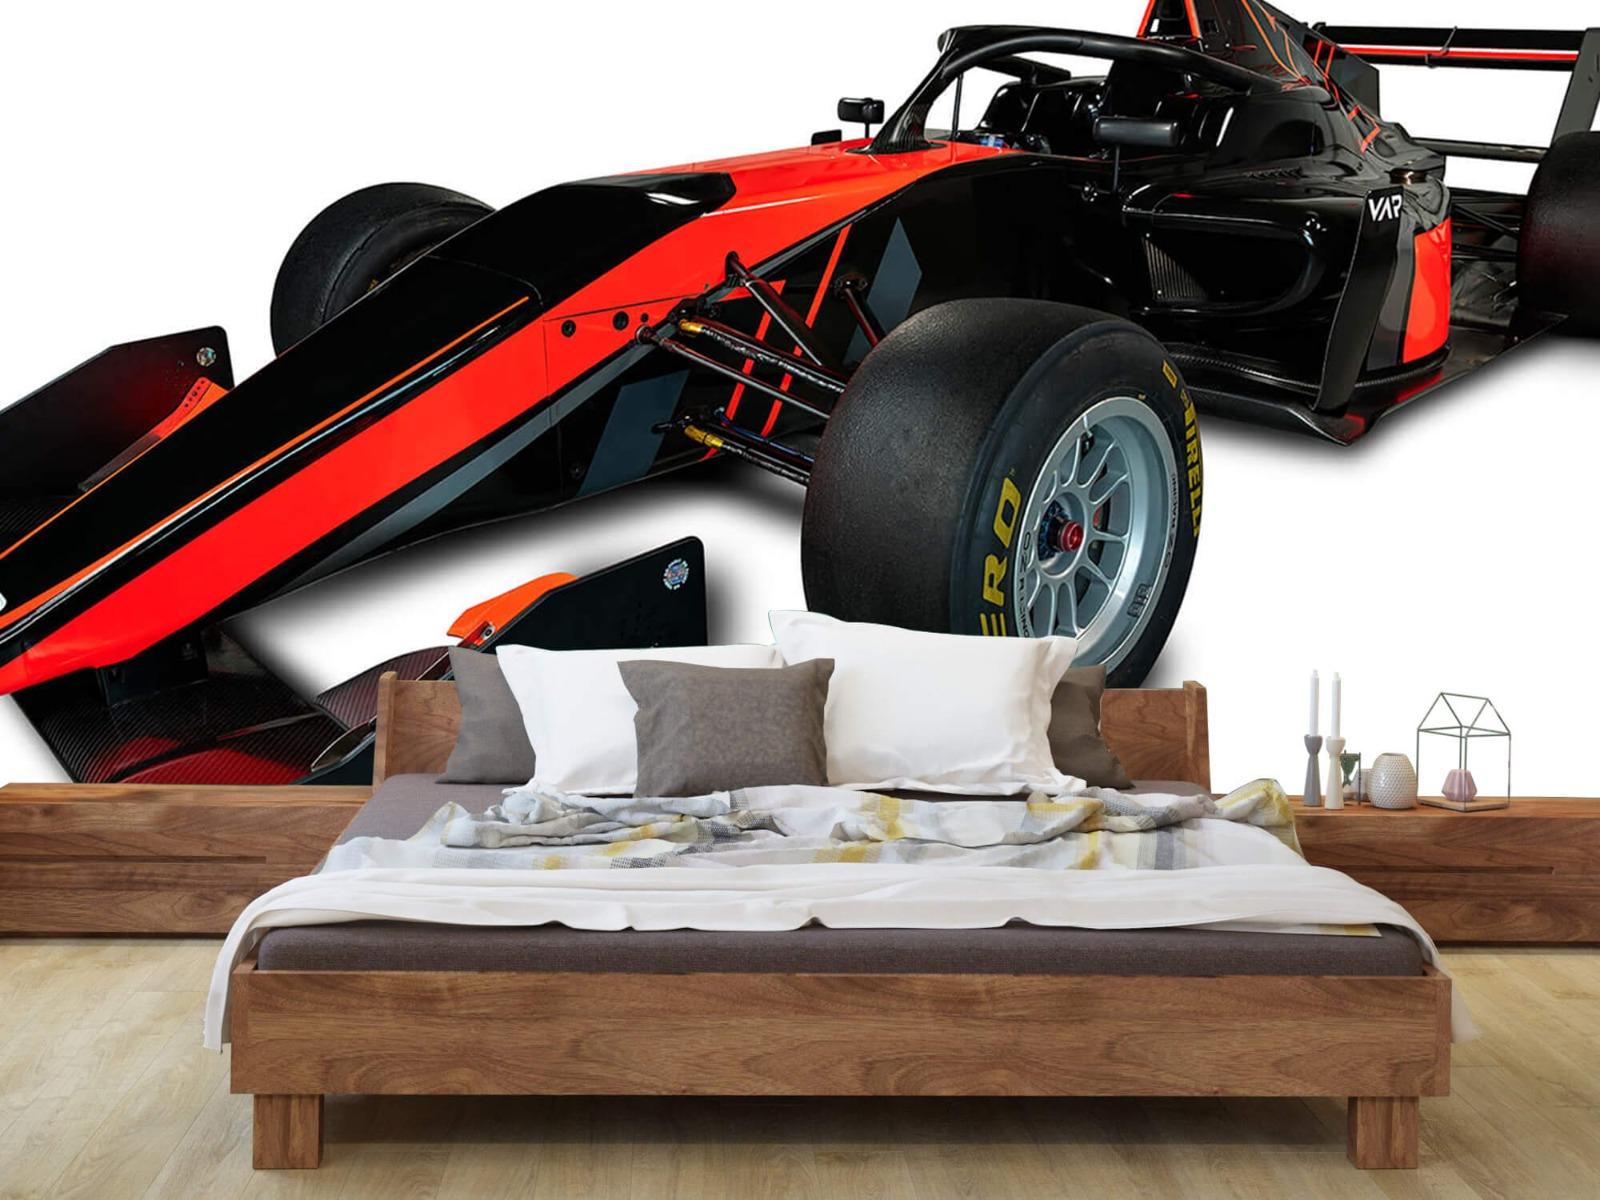 Sportauto's - Formule 3 - Left front view - Tienerkamer 7